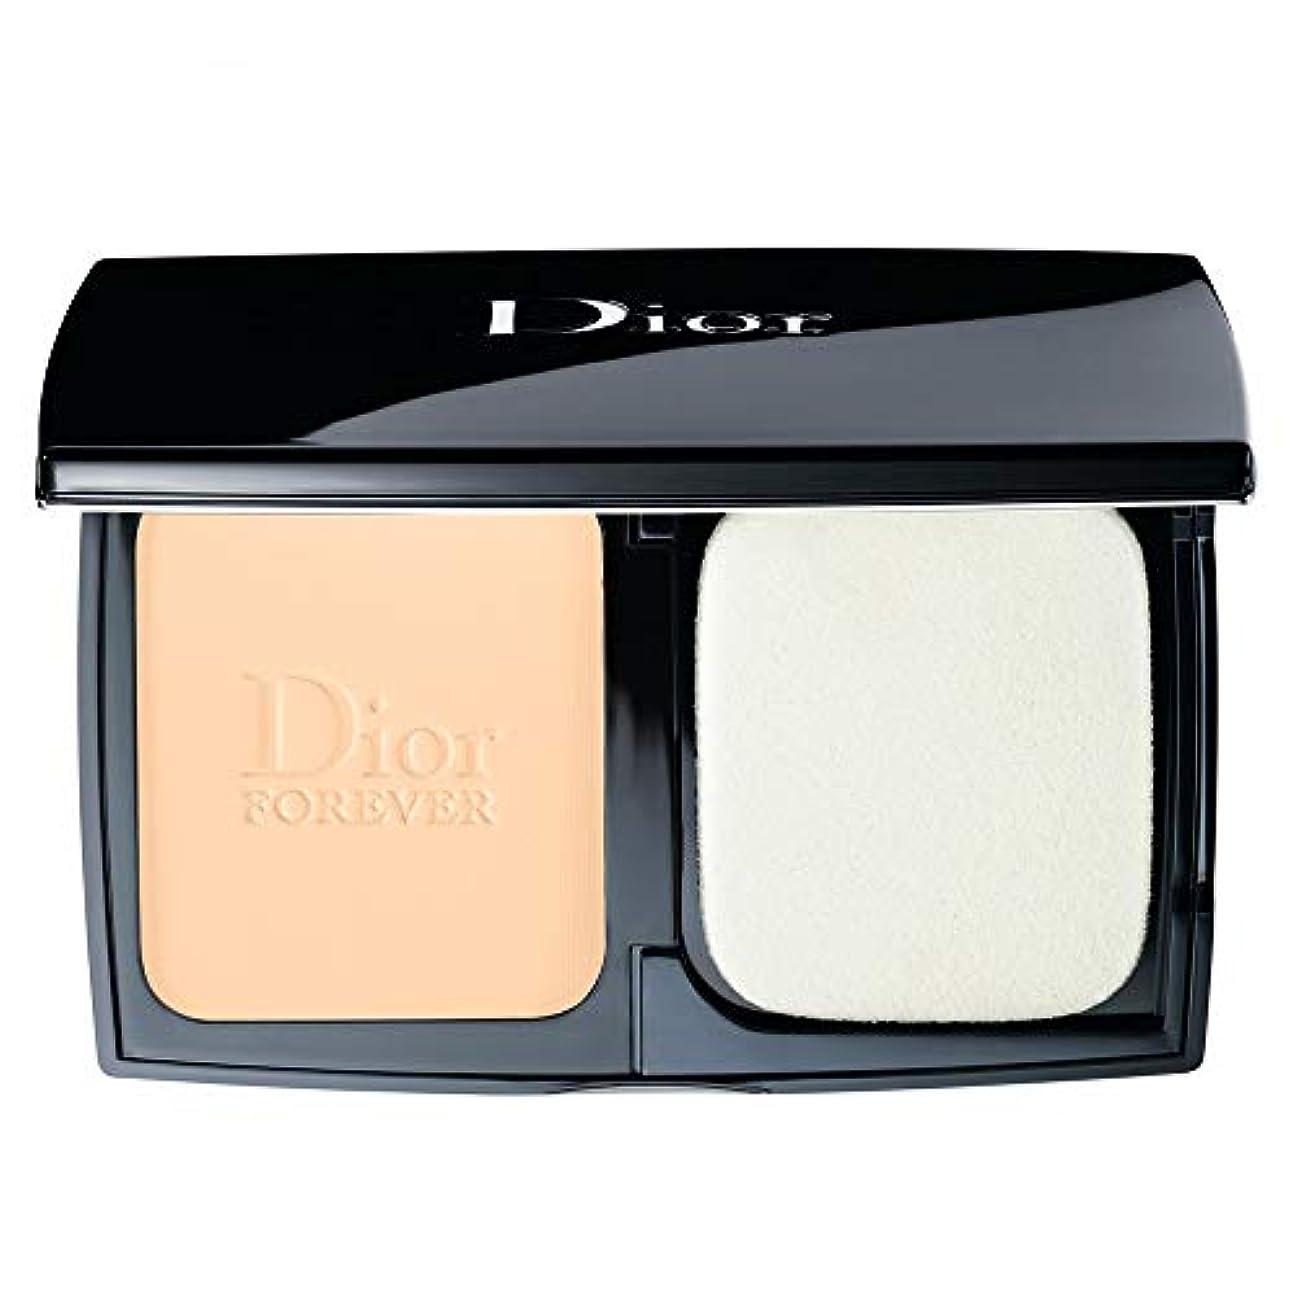 学部長近々醜いクリスチャンディオール Diorskin Forever Extreme Control Perfect Matte Powder Makeup SPF 20 - # 010 Ivory 9g/0.31oz並行輸入品